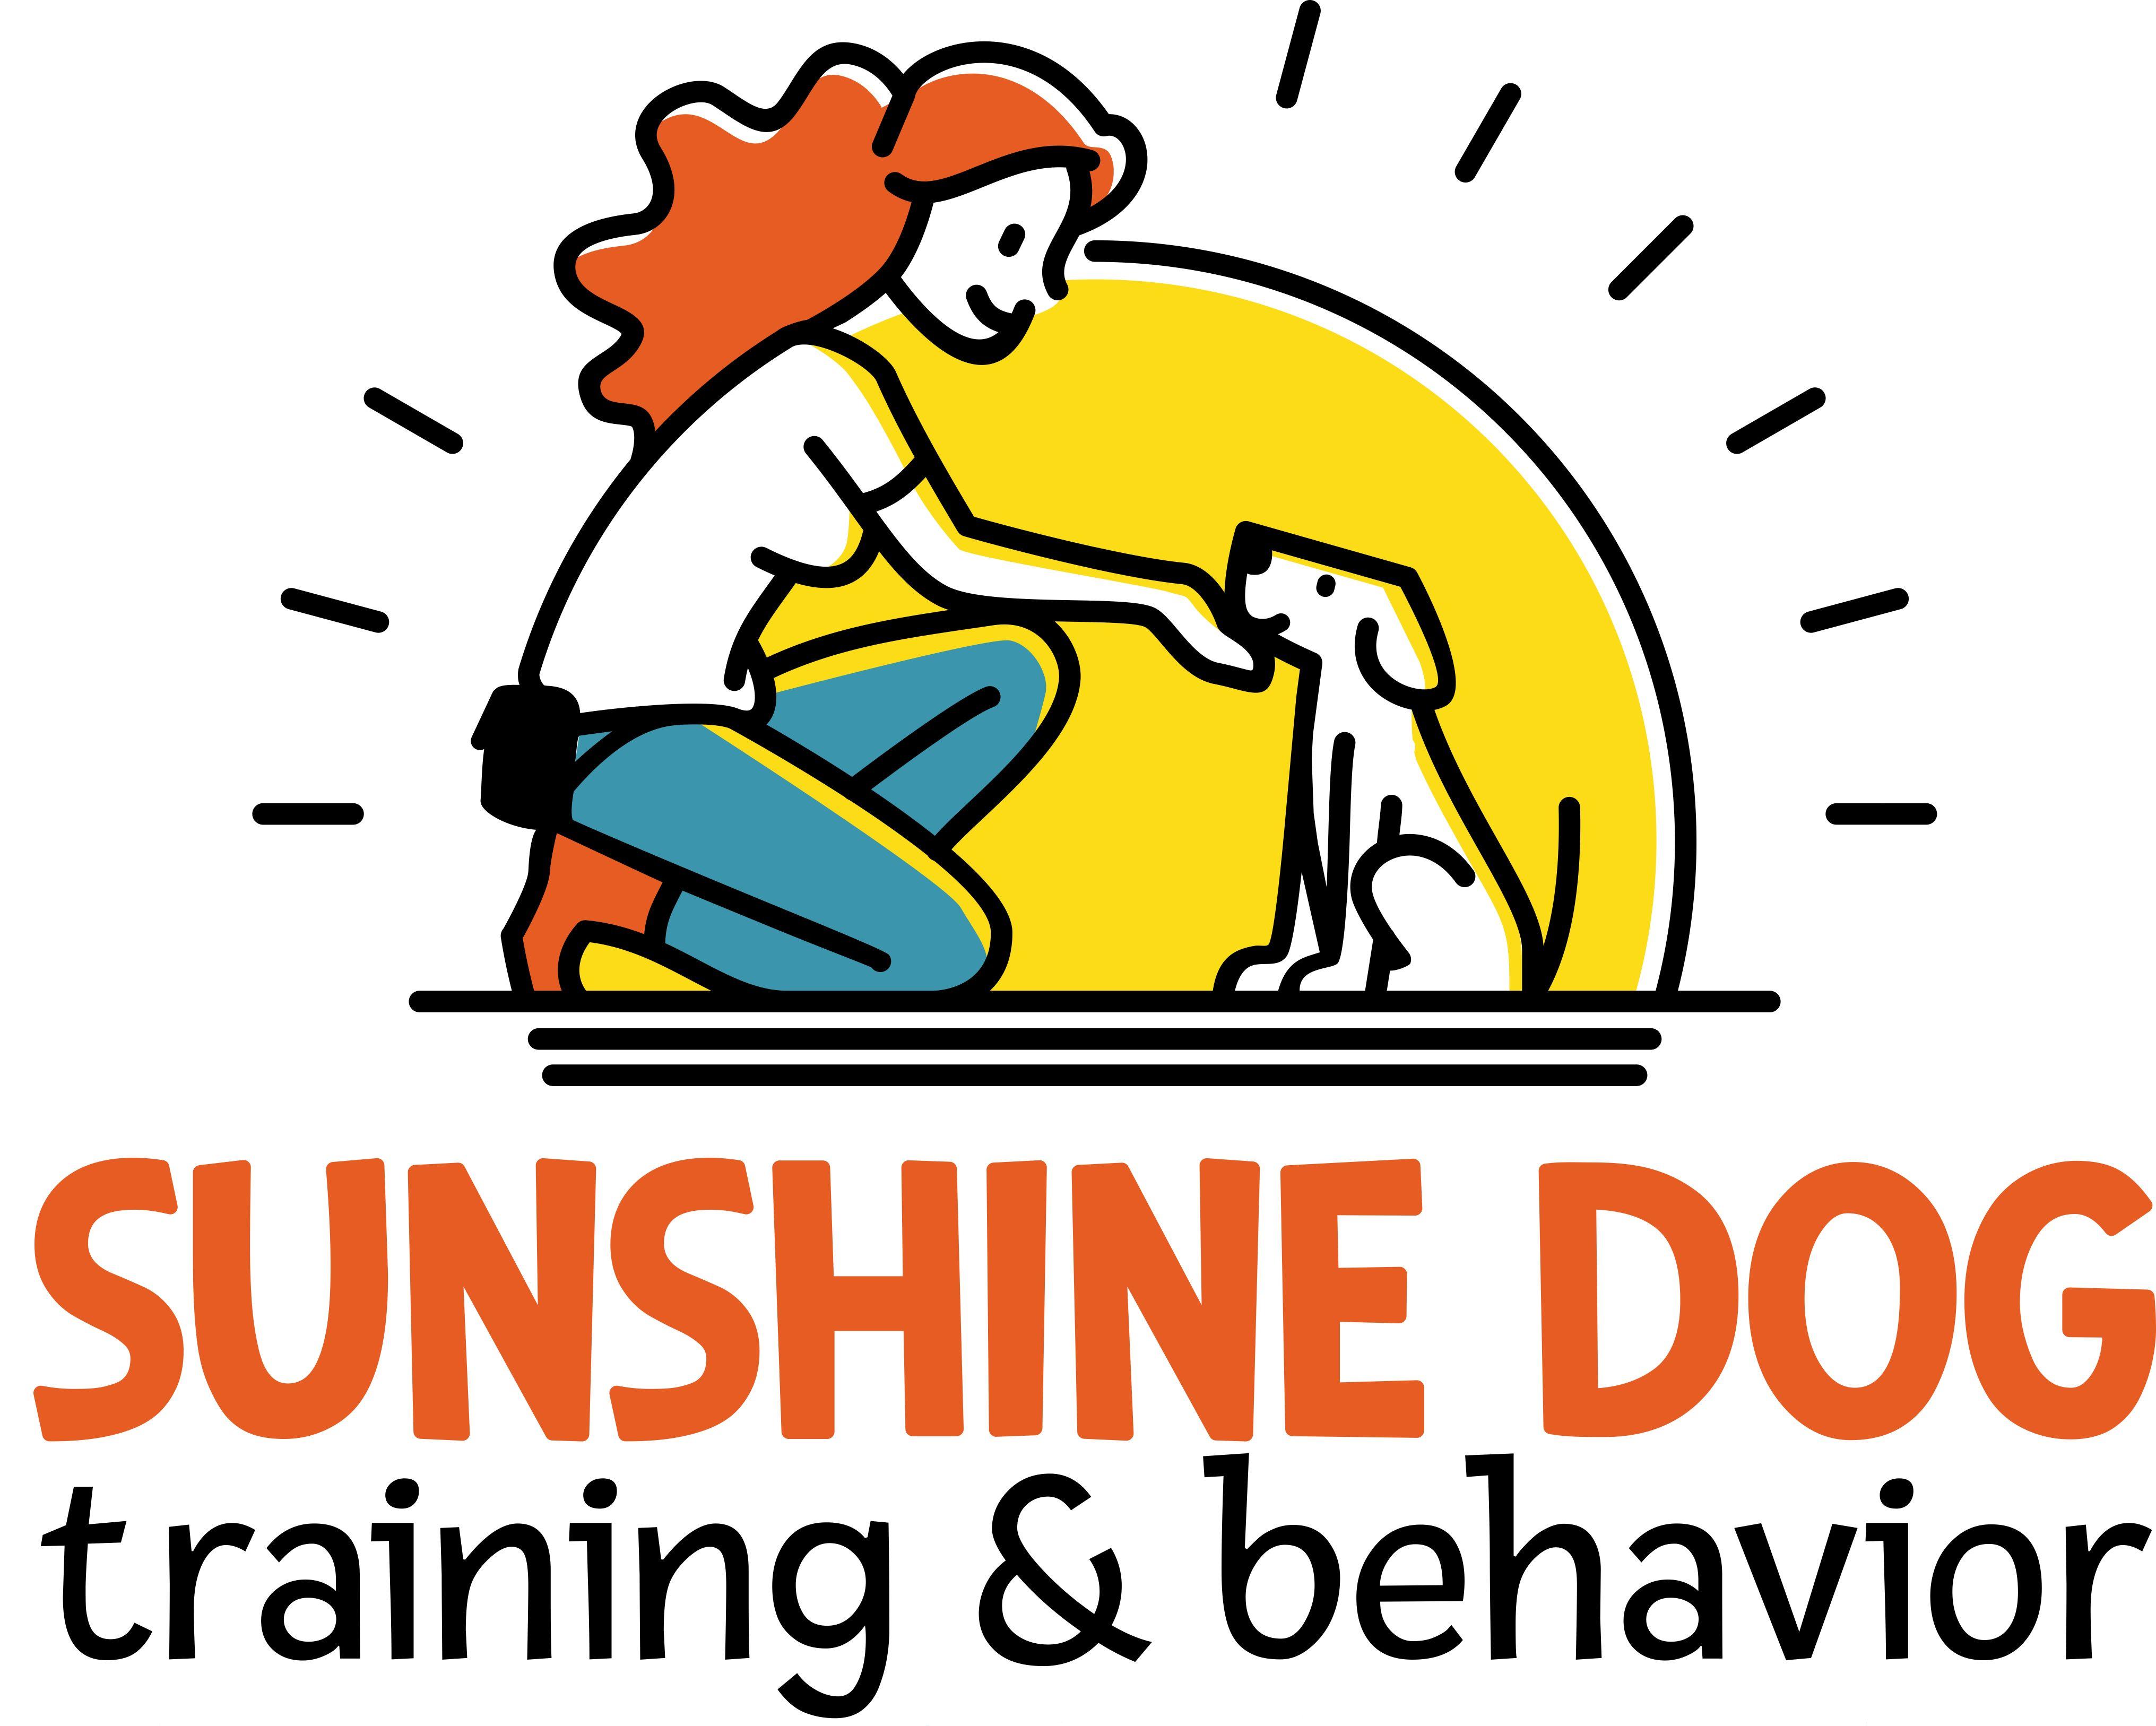 Sunshine Dog Training Behavior Dog Training Services For Dogs